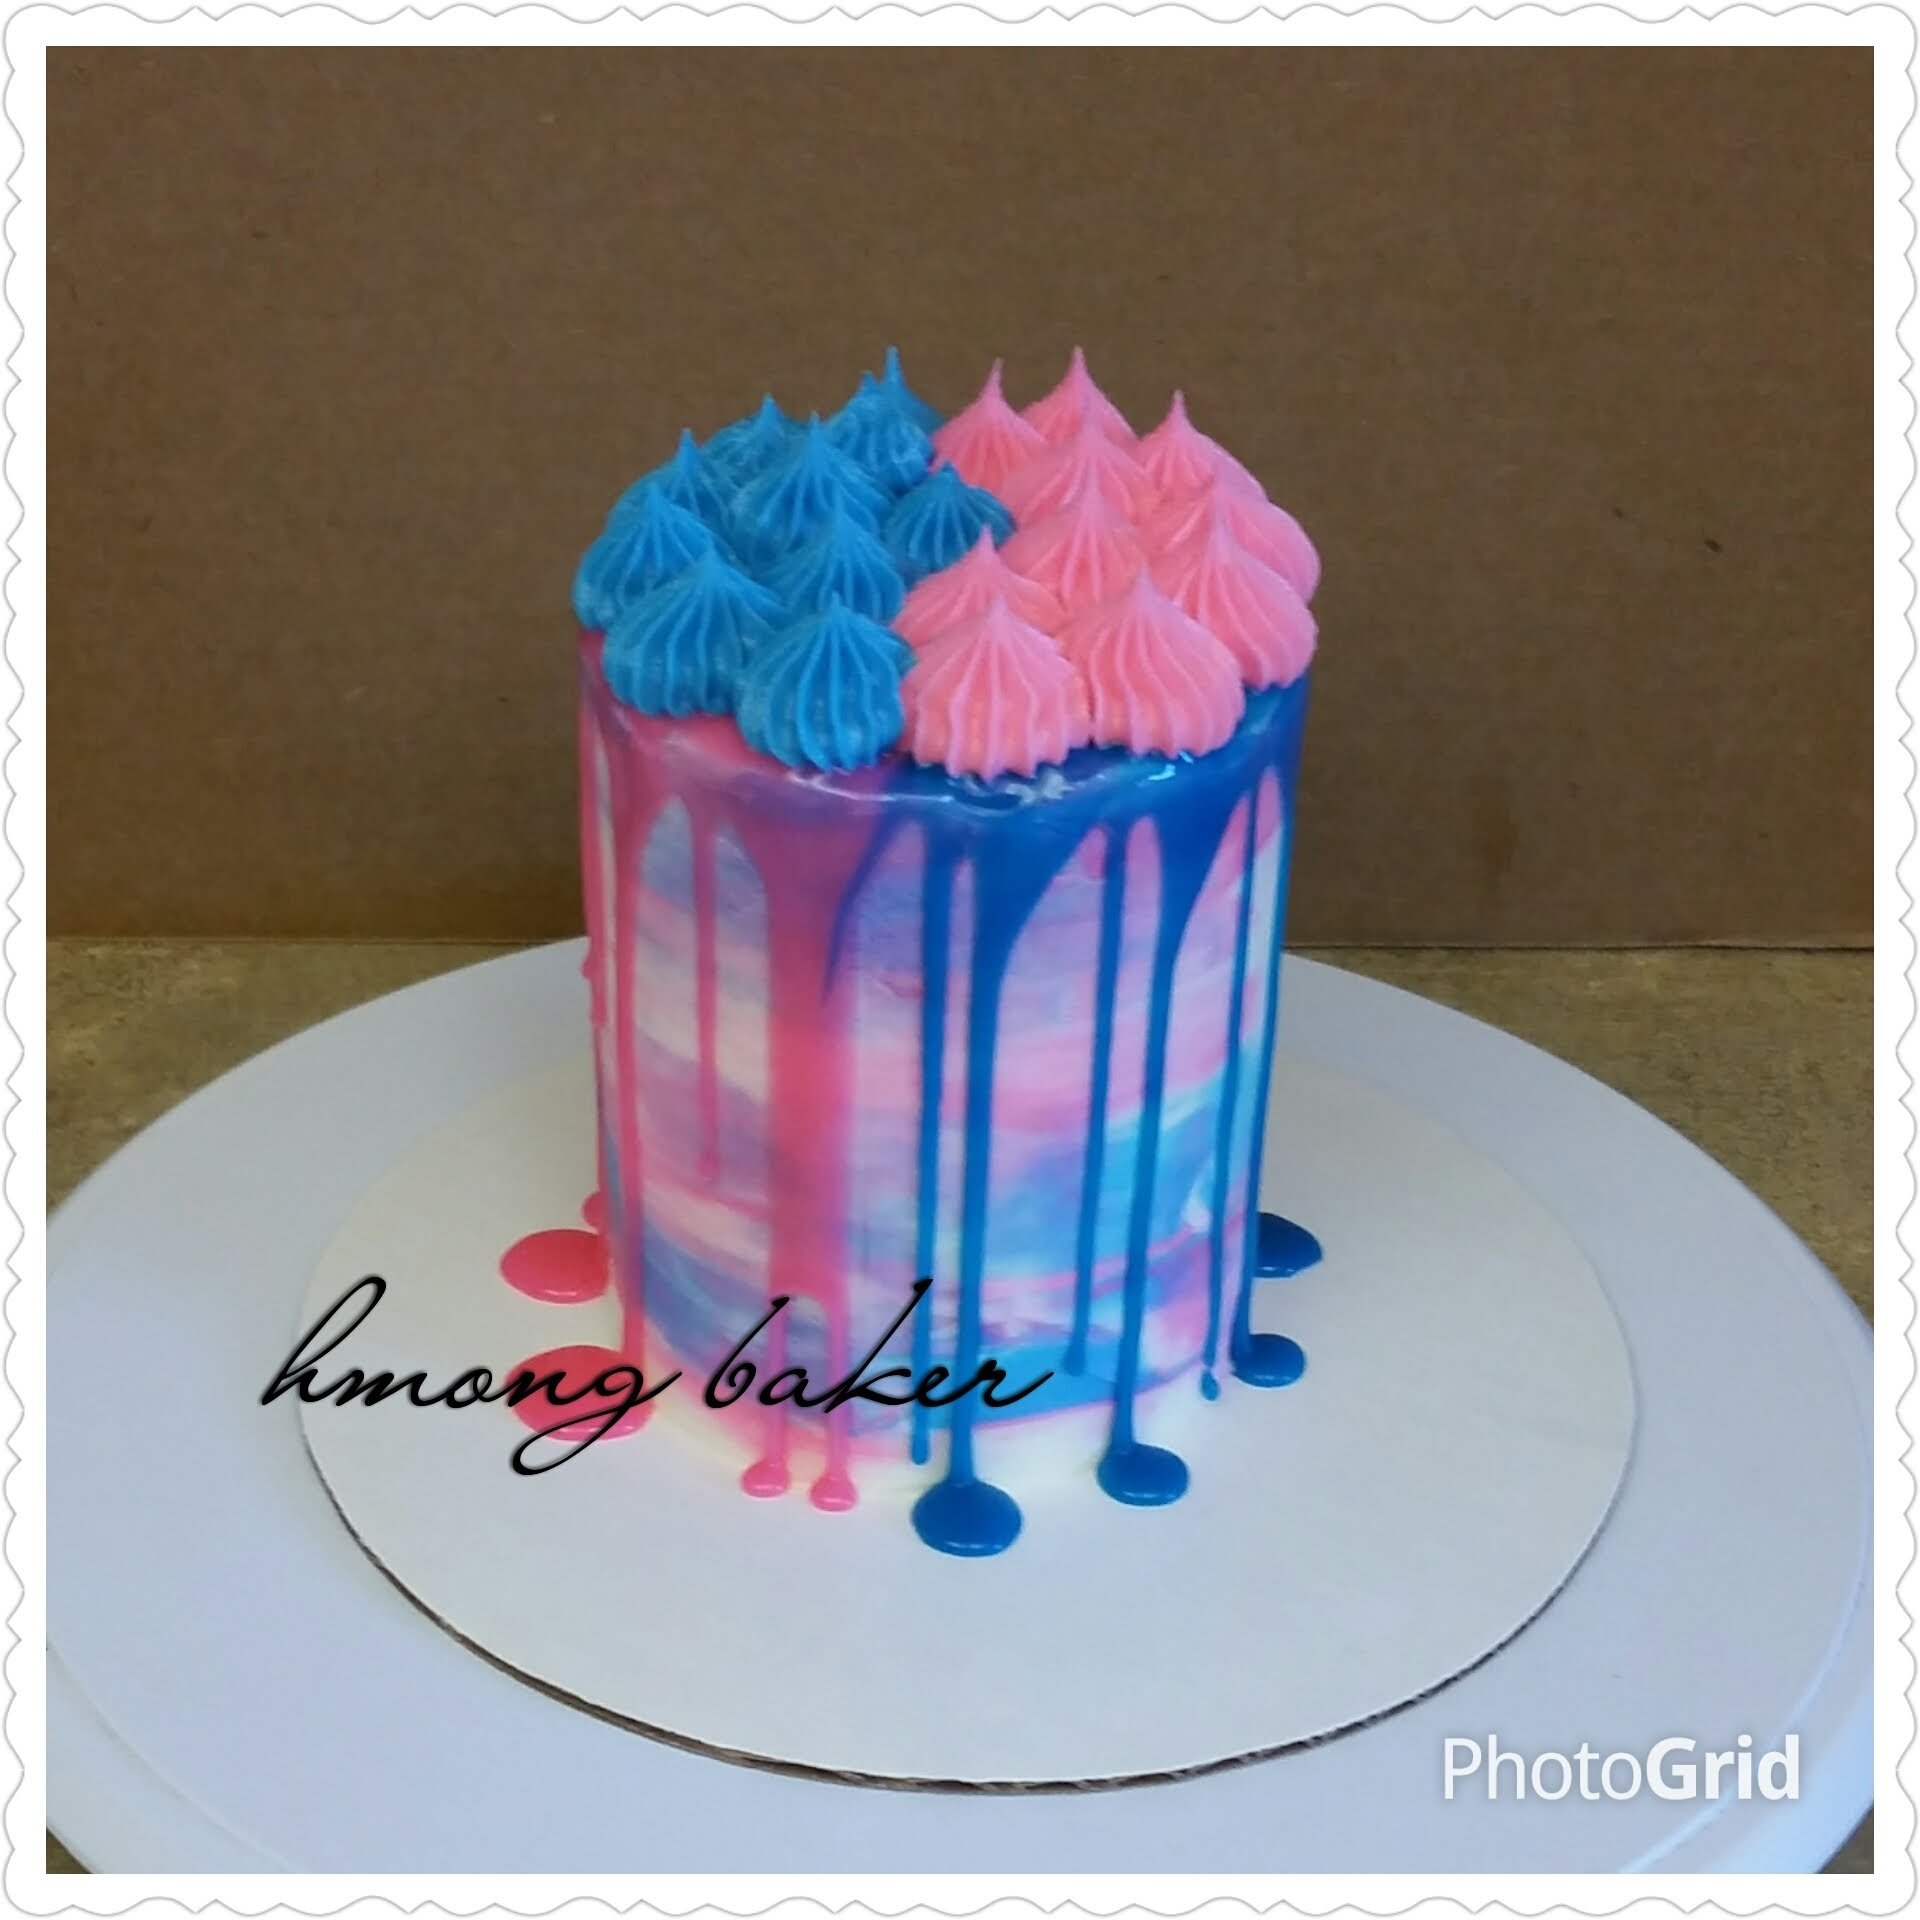 10 Beautiful Baby Gender Reveal Cake Ideas gender reveal cake baby shower cake cake decorating youtube 2020